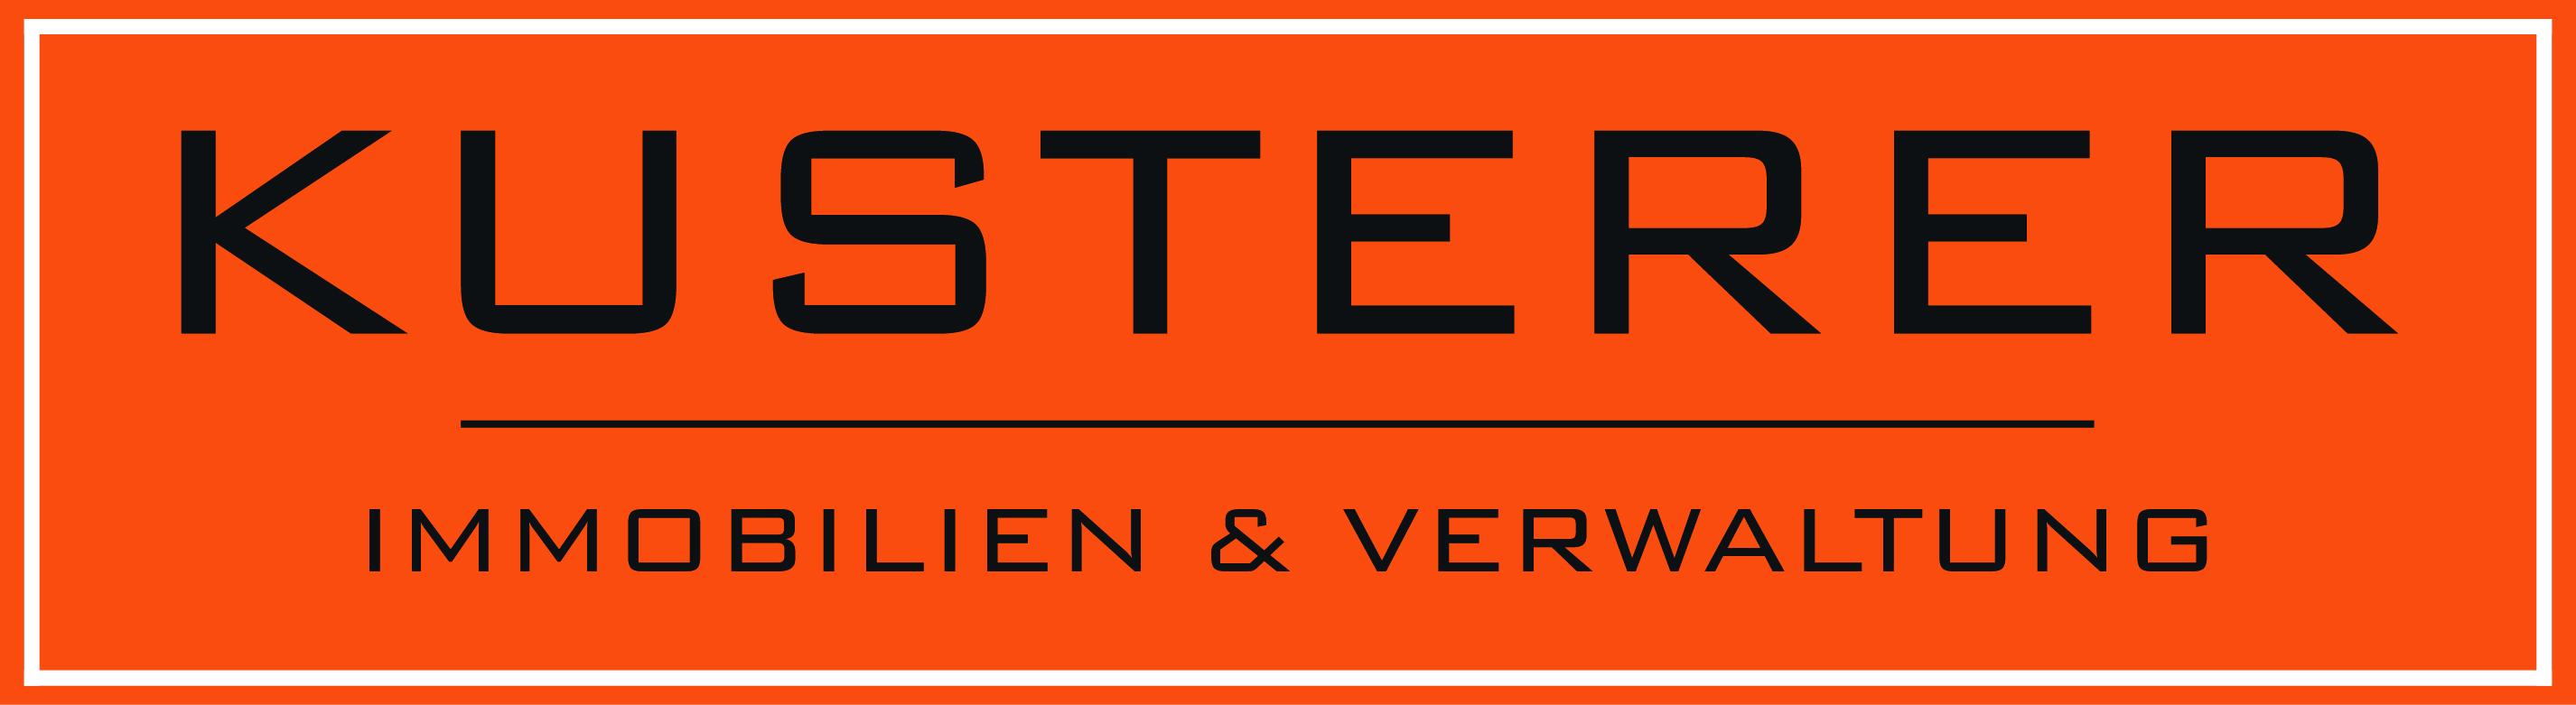 Hier sehen Sie das Logo von Kusterer Immobilien & Verwaltung